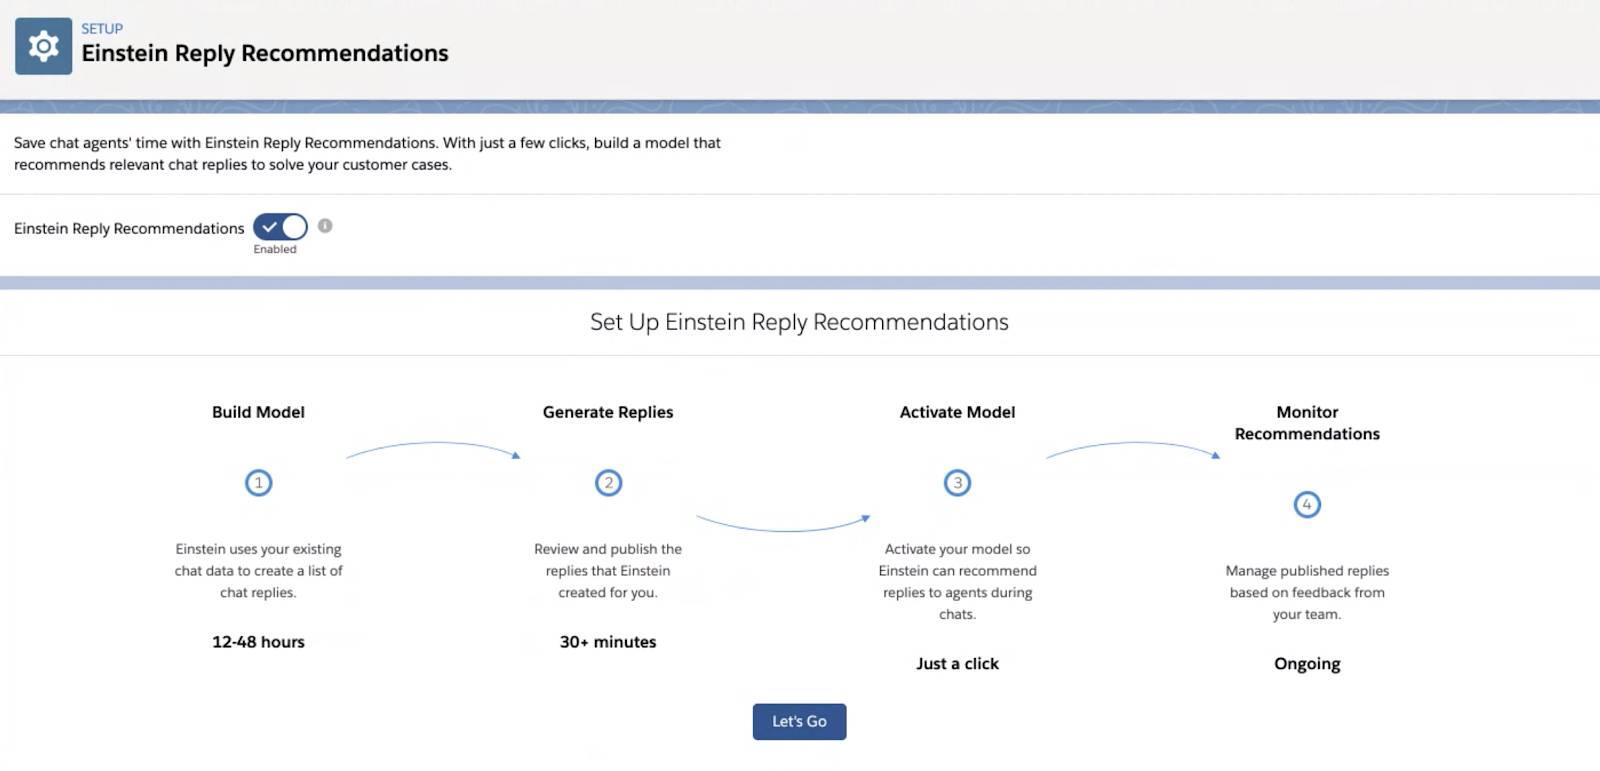 Fluxograma de configuração das Recomendações de resposta do Einstein: criar modelo, gerar respostas, ativar modelo e monitorar recomendações.